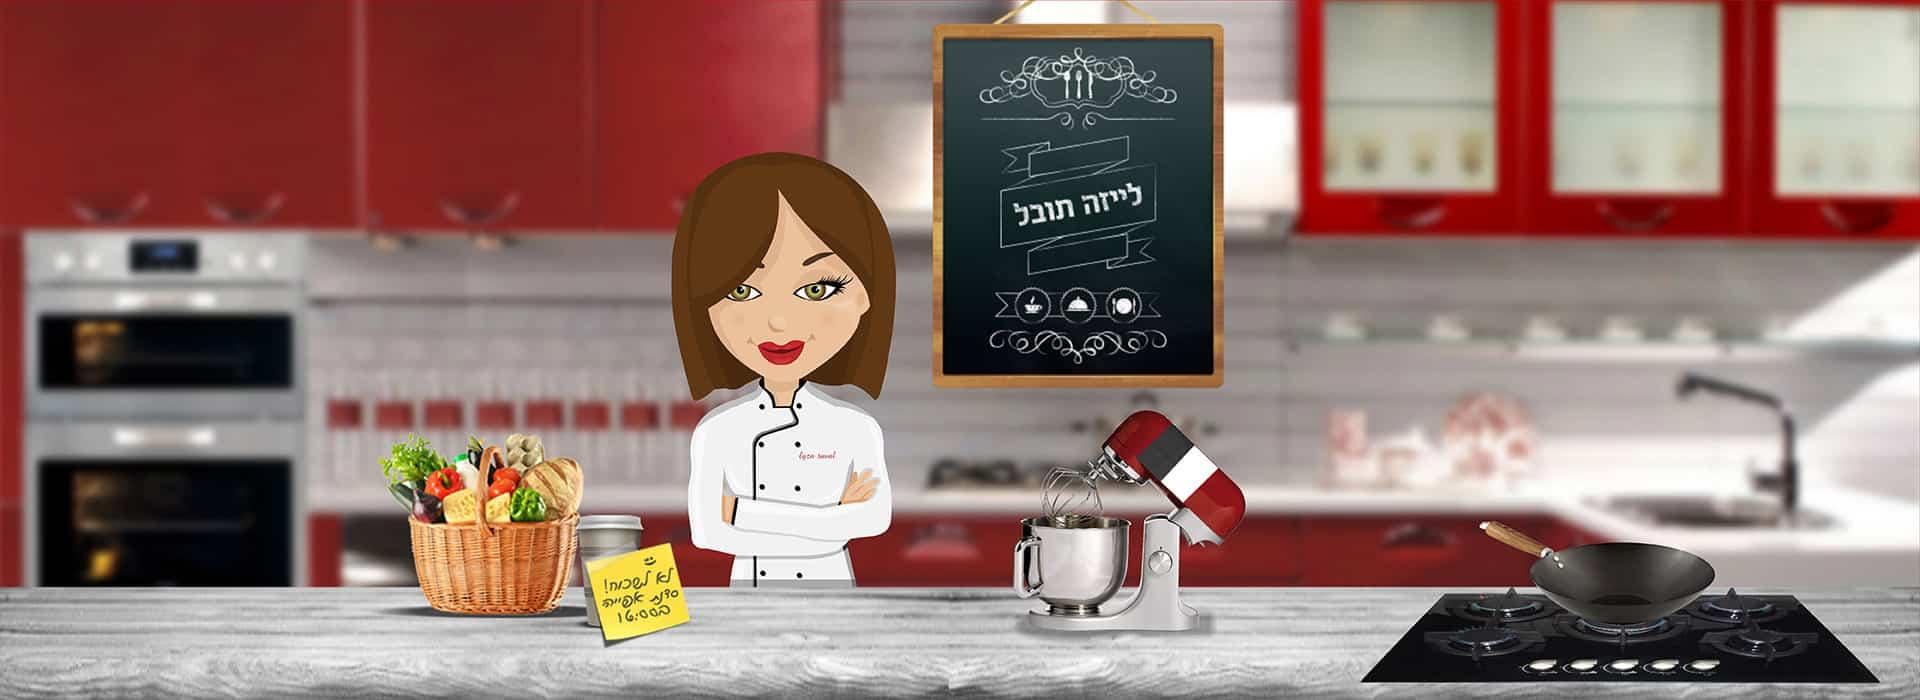 לייזה תובל- מומחית לבישול ואפייה